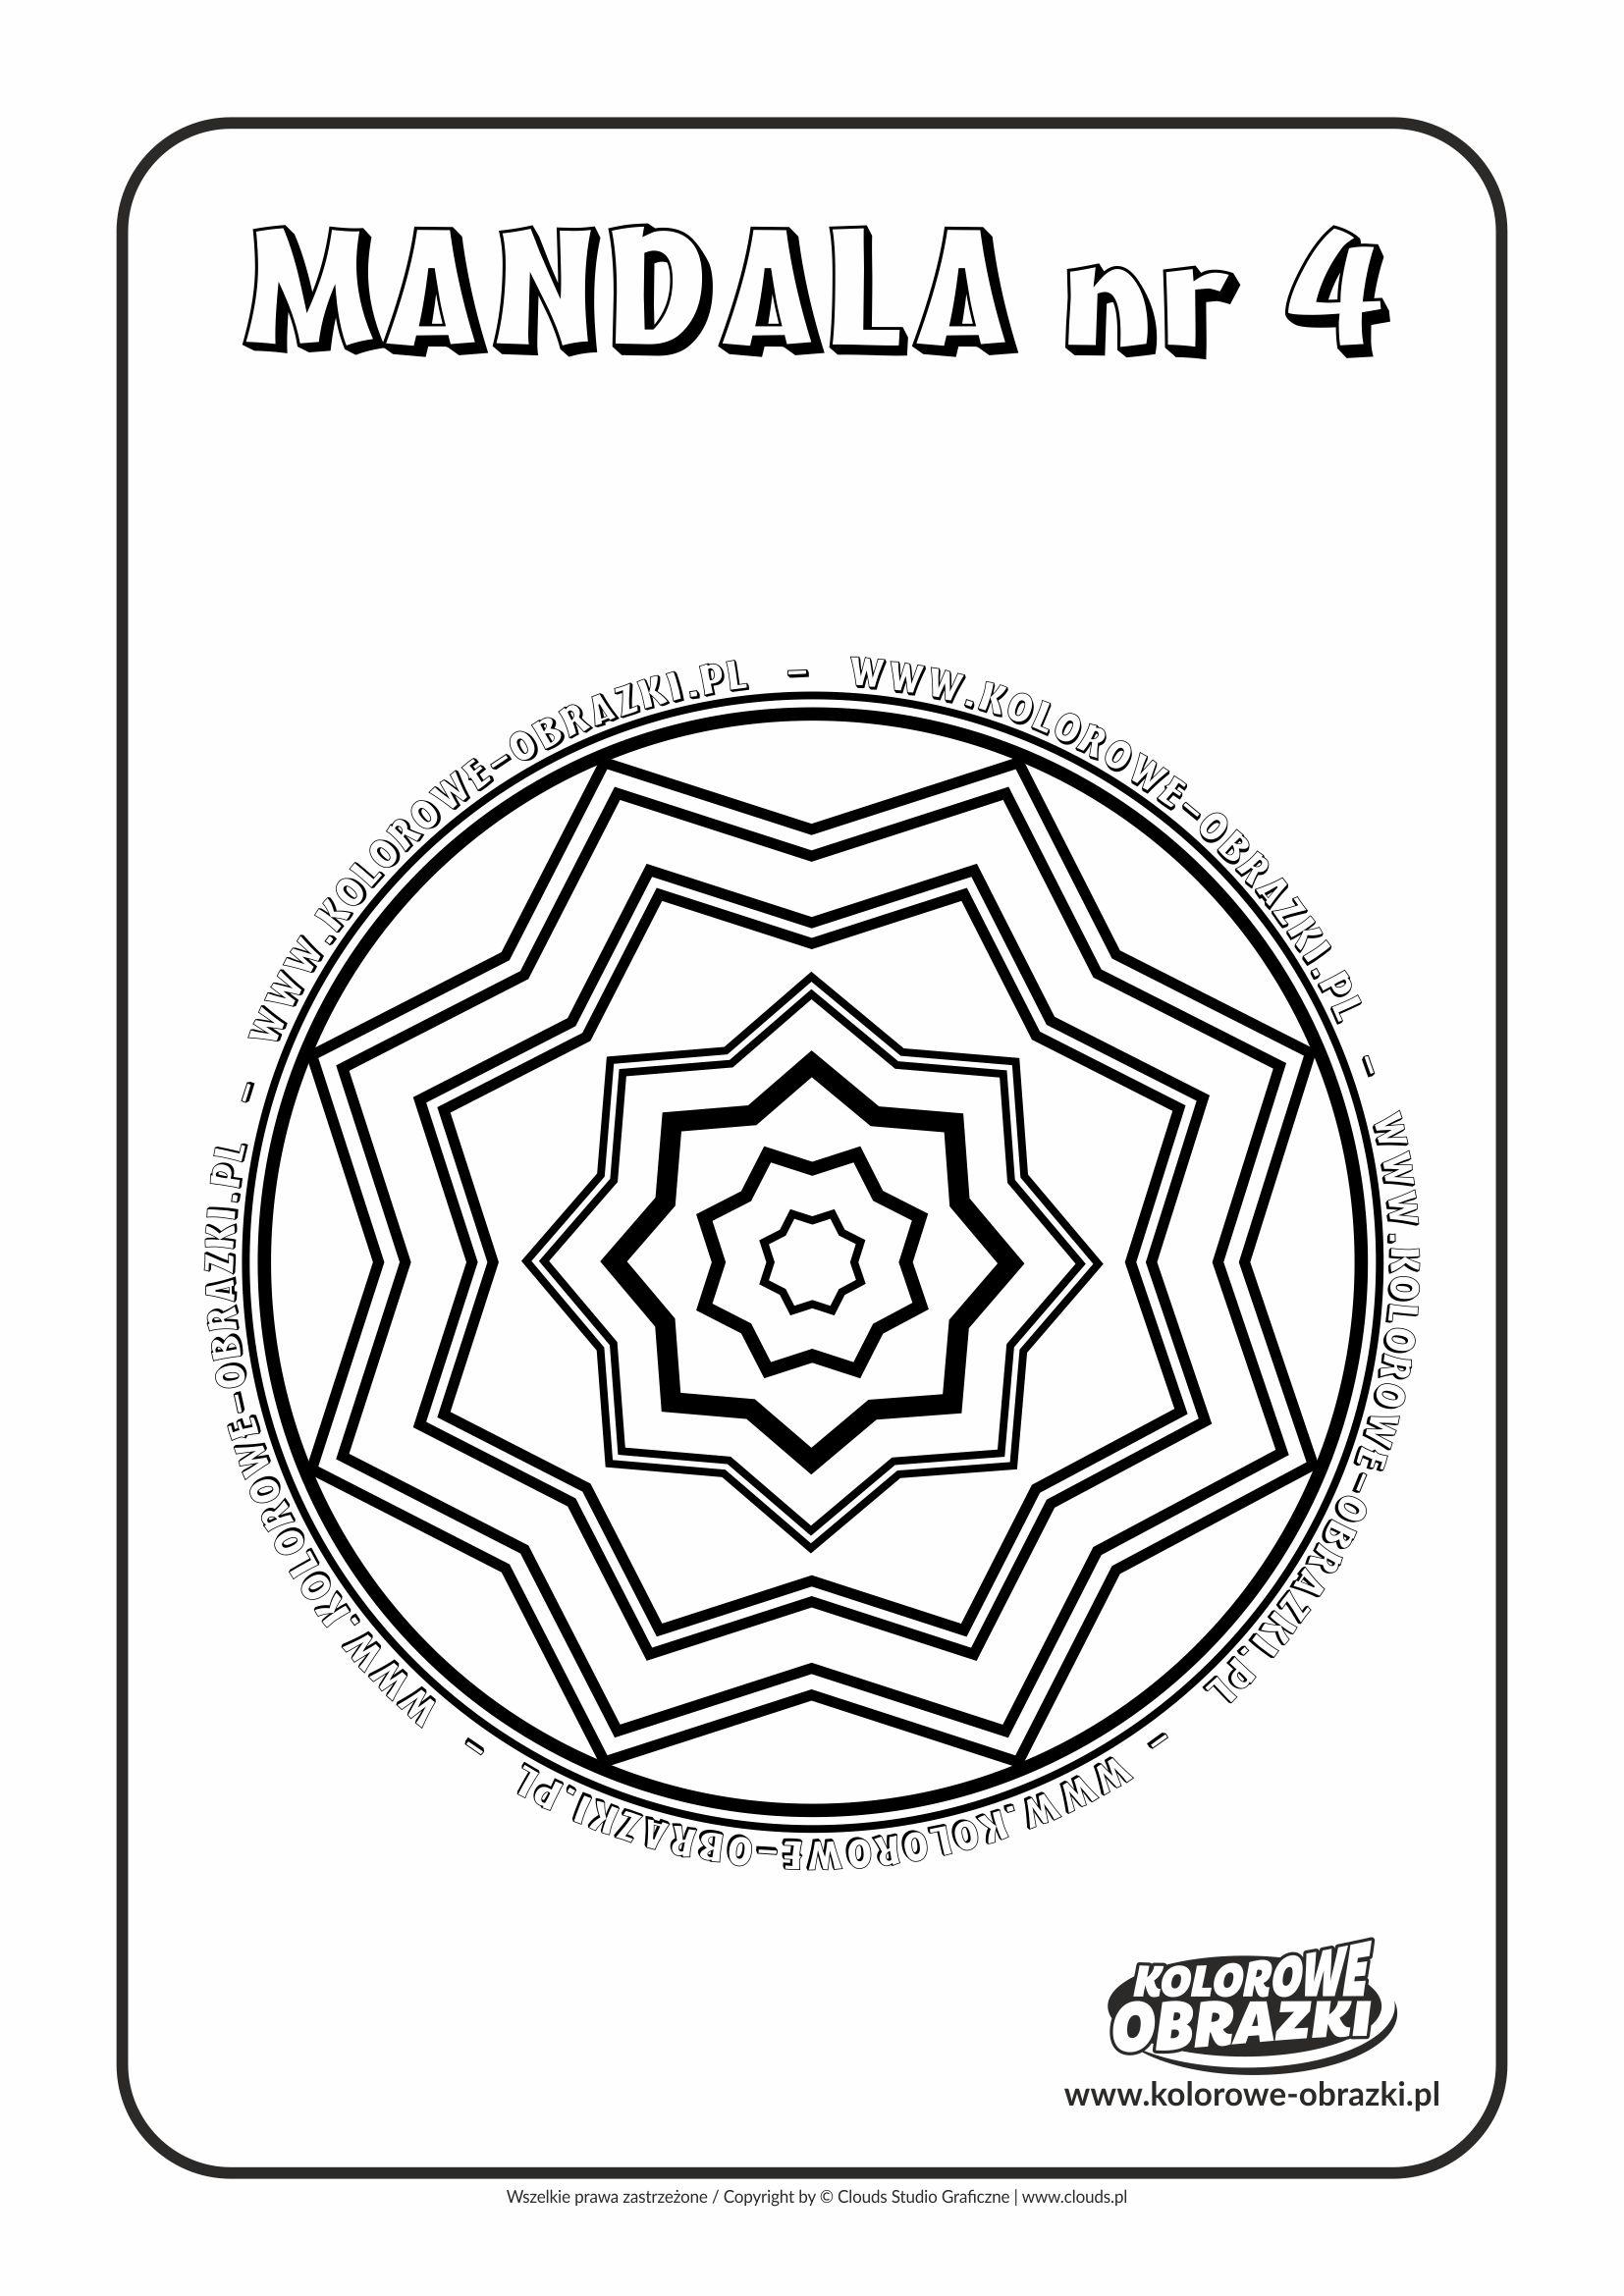 Kolorowanki dla dzieci - Mandale / Mandala nr 4. Kolorowanka z mandalą